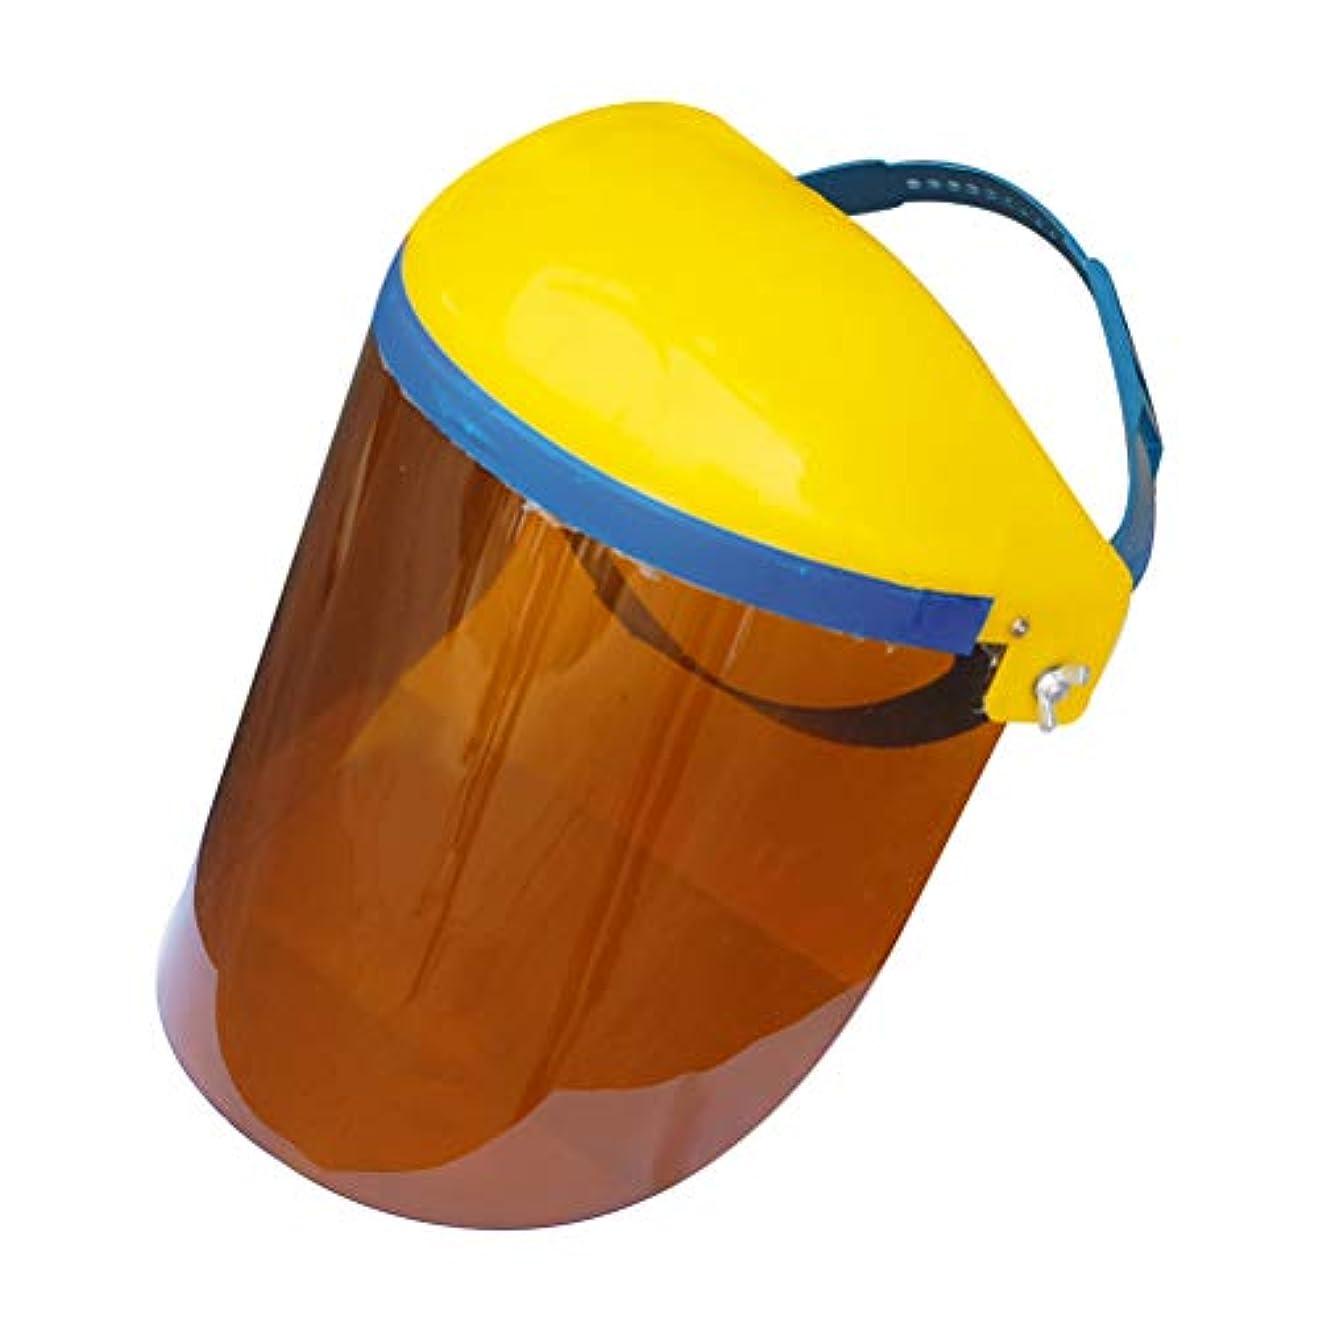 ボイドバッチ救いBESTONZON キッチン調理両面防曇防油スプラッシュクリアフェイスマスクフェイスシールドプロテクター(ブラウン)